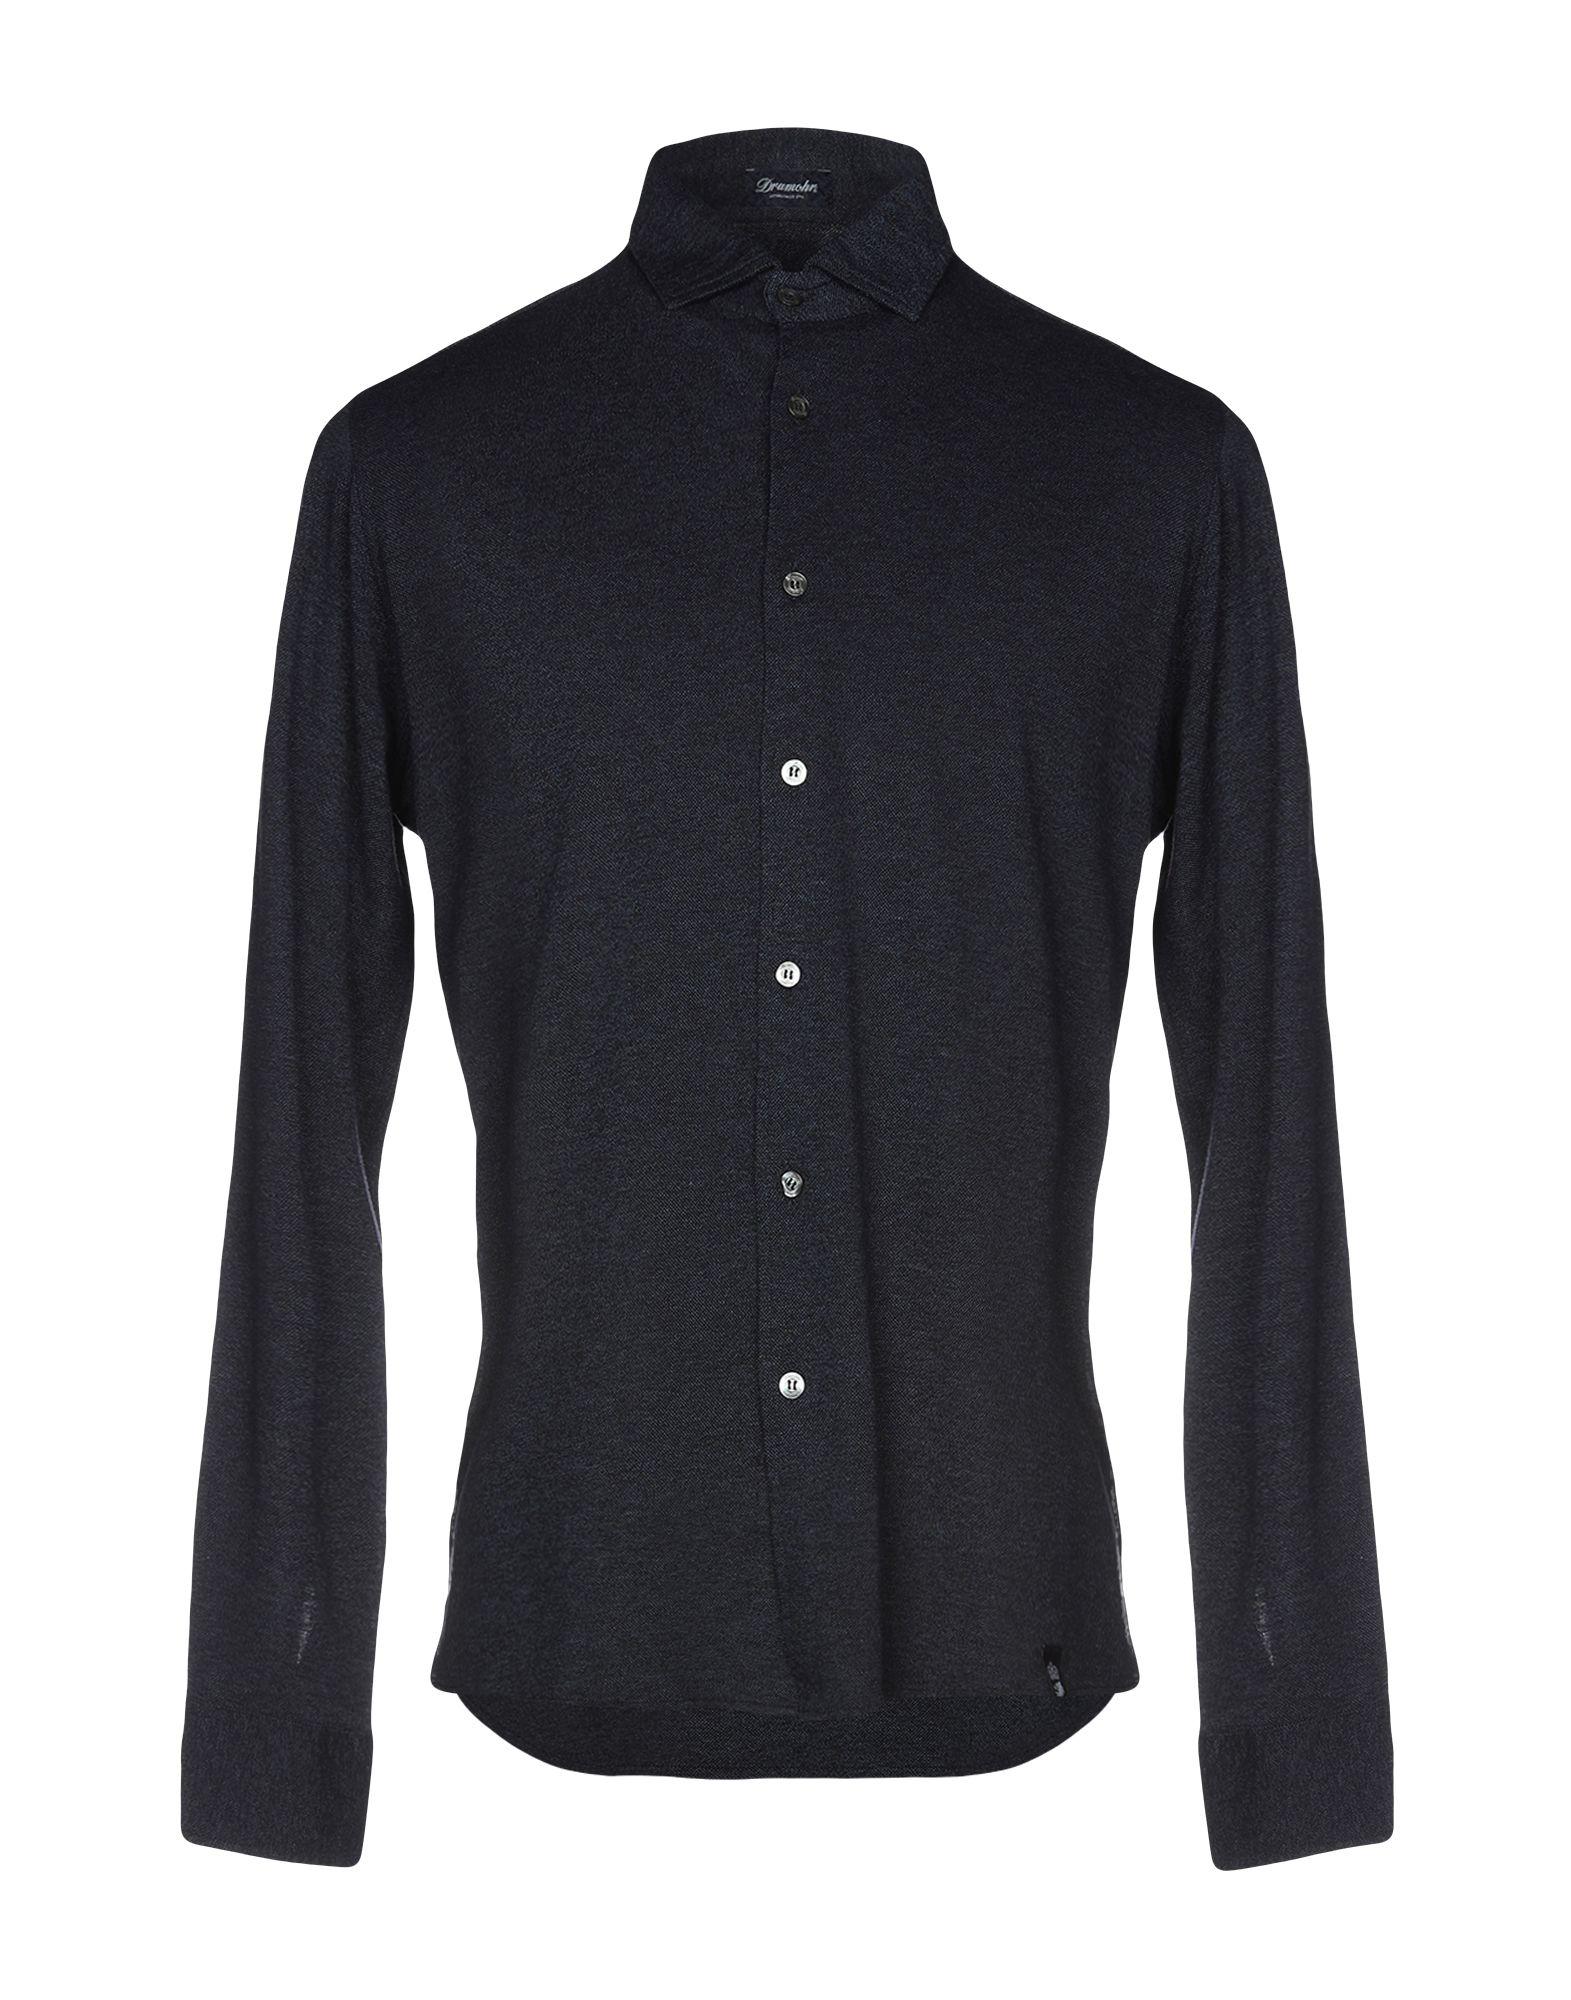 《送料無料》DRUMOHR メンズ シャツ ブルー S コットン 100%